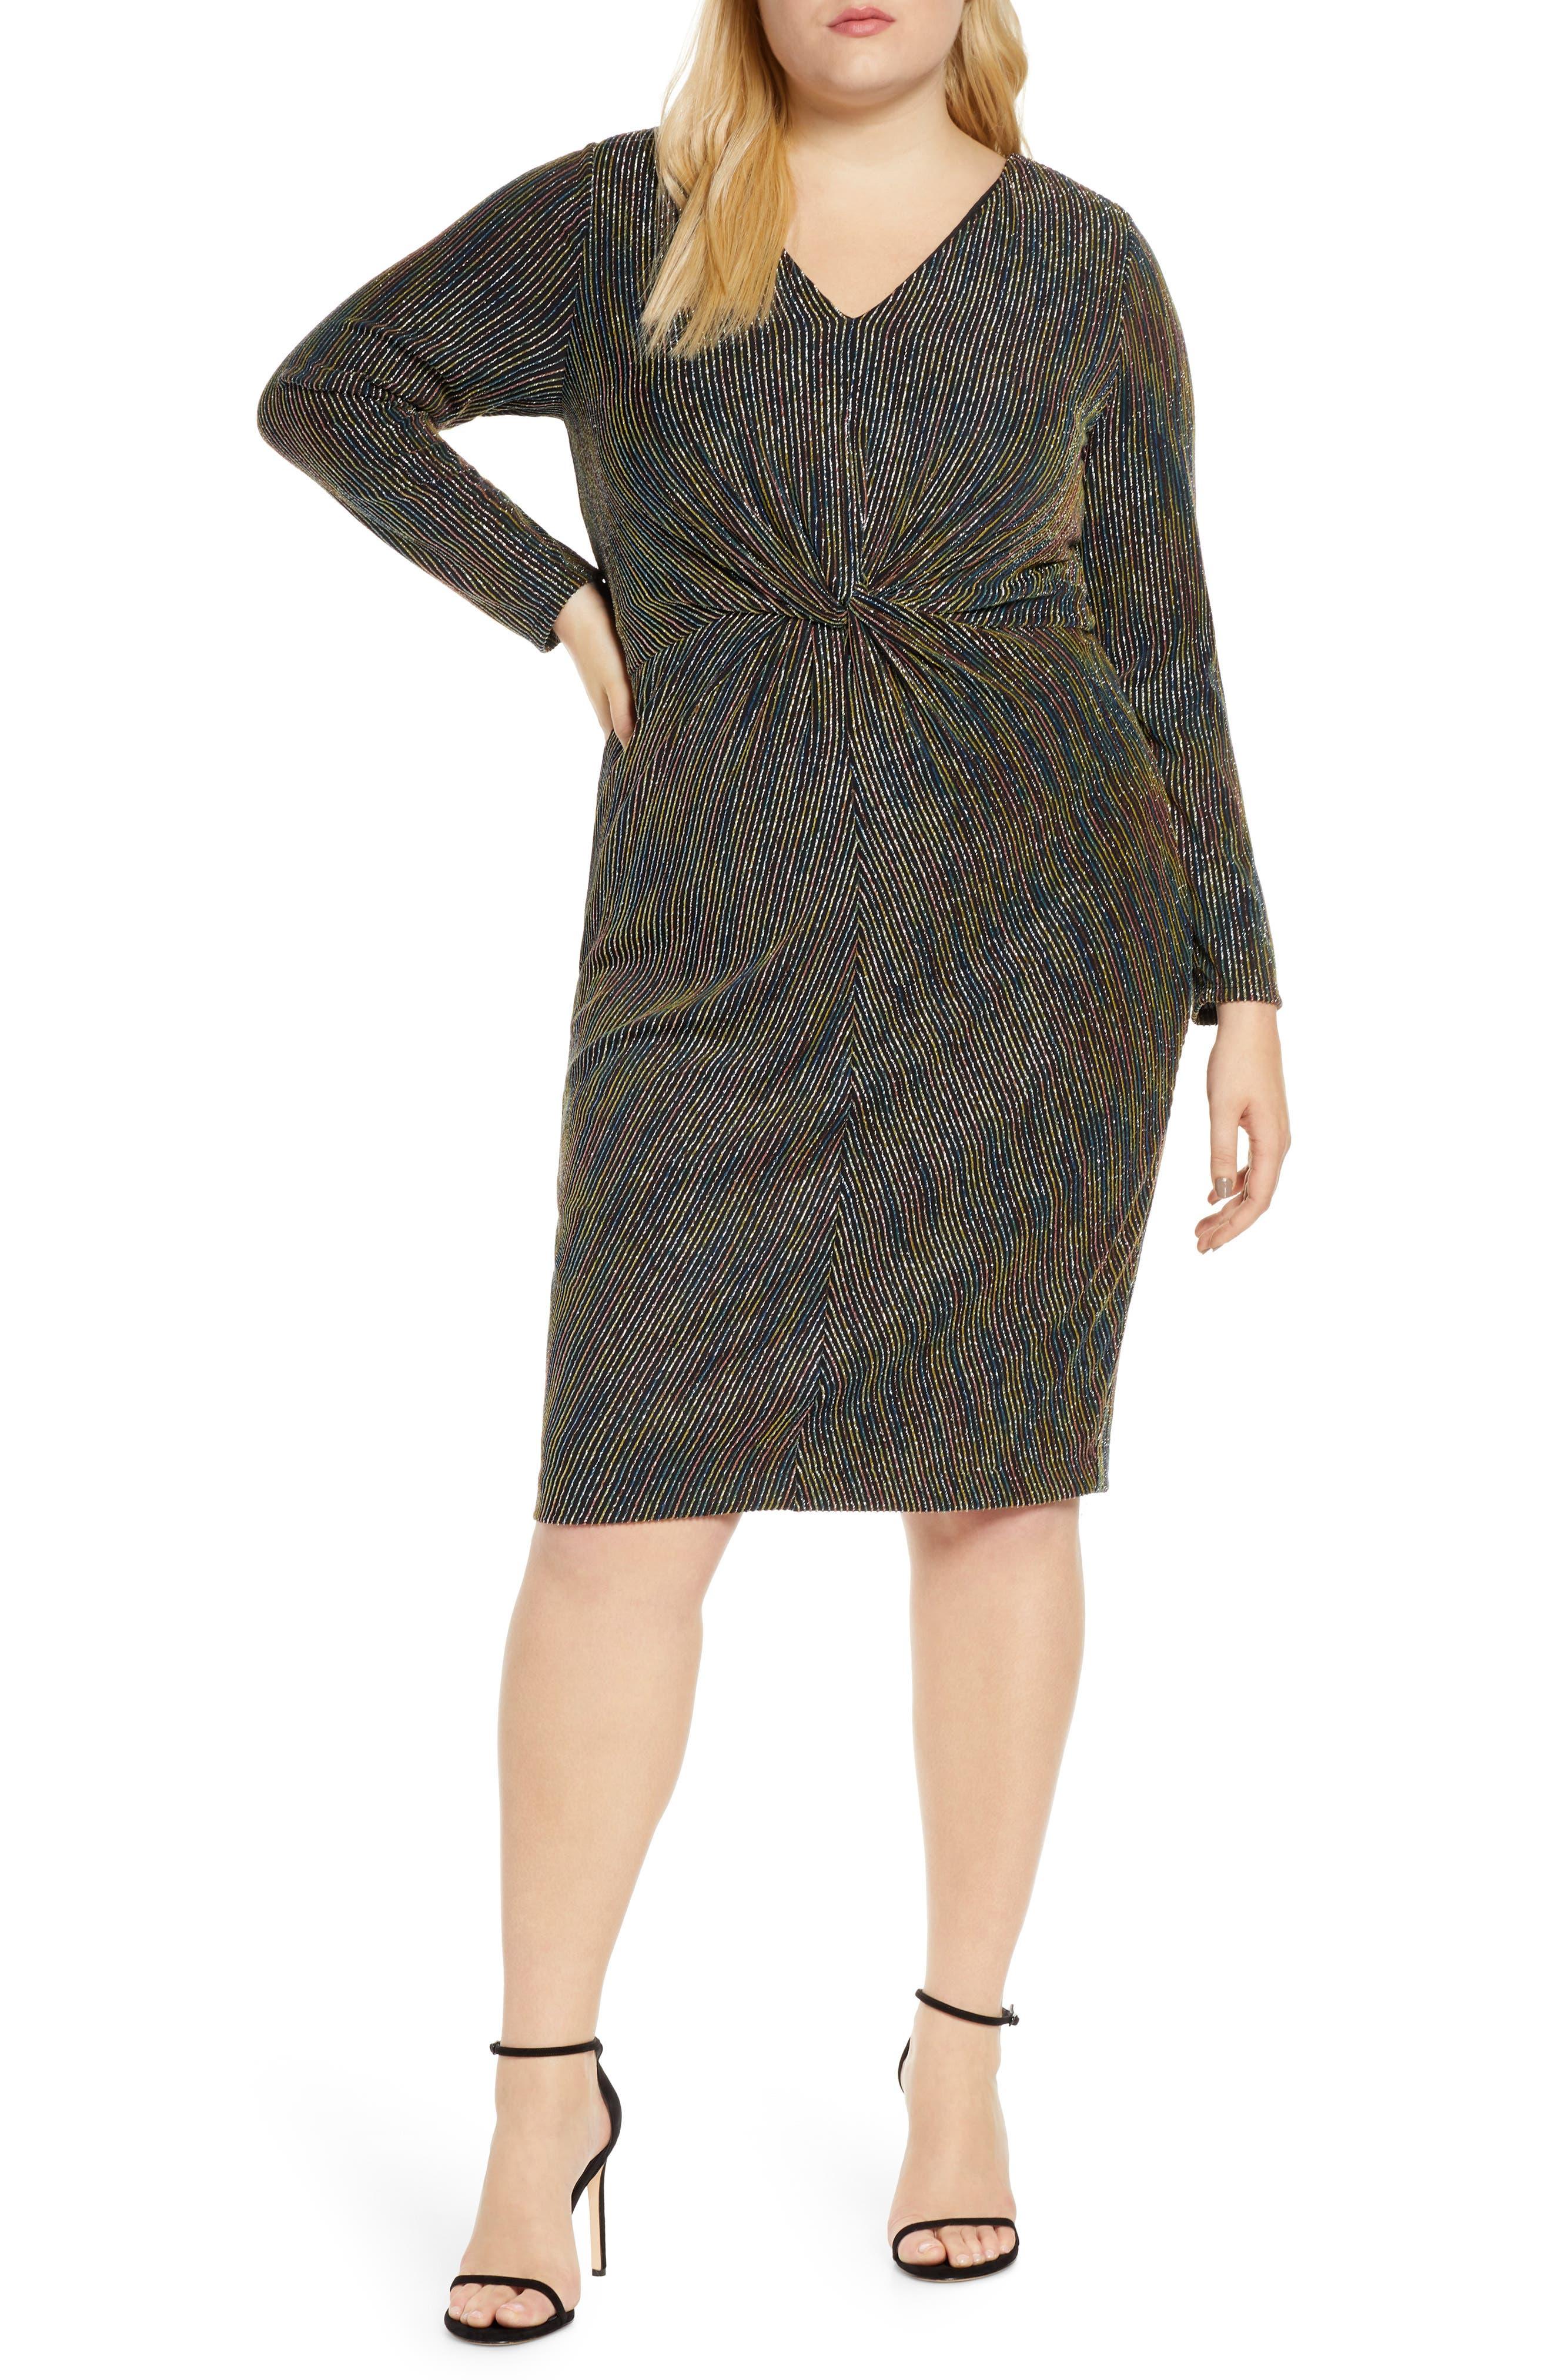 Rachel Roy Womens Plus Size Elle Dress Cocktail Dress